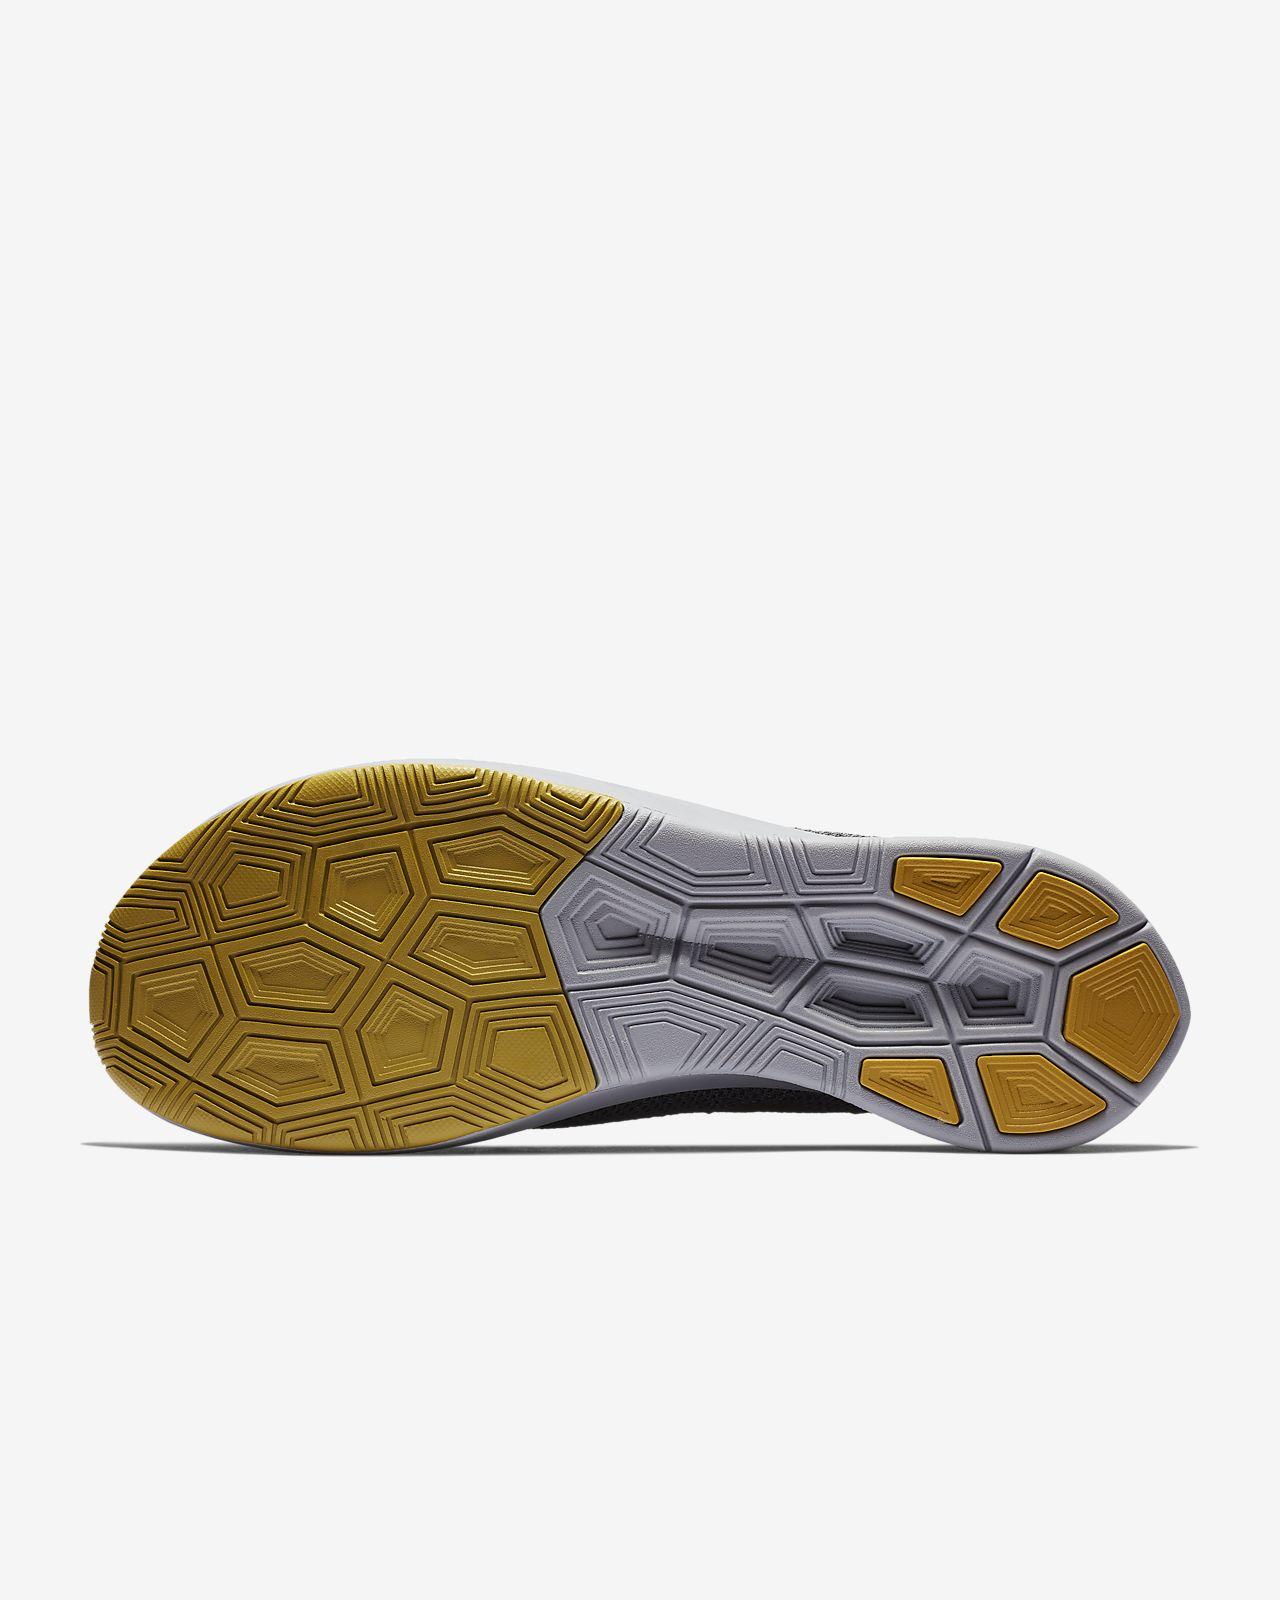 3ac752728a3a9 Nike Zoom Fly Flyknit Men s Running Shoe. Nike.com NO